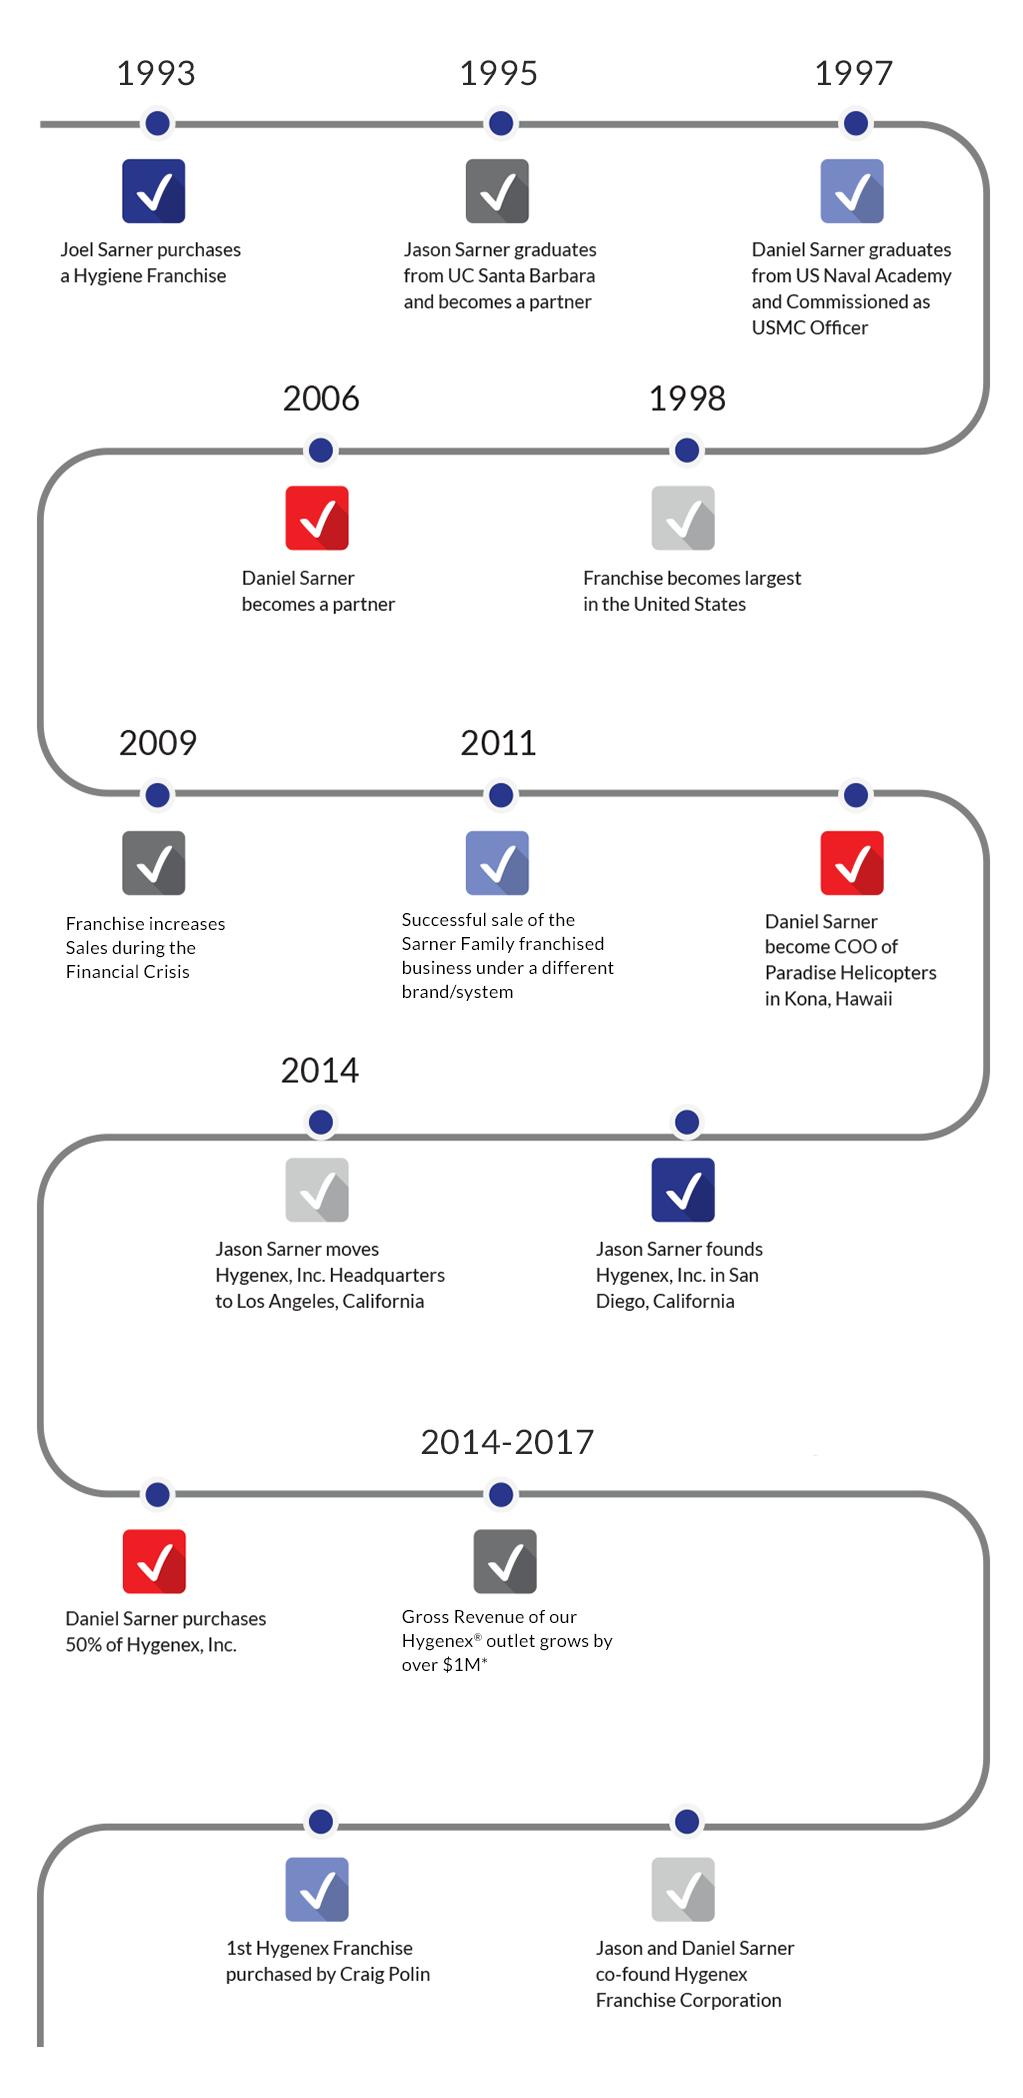 Hygenex history timeline